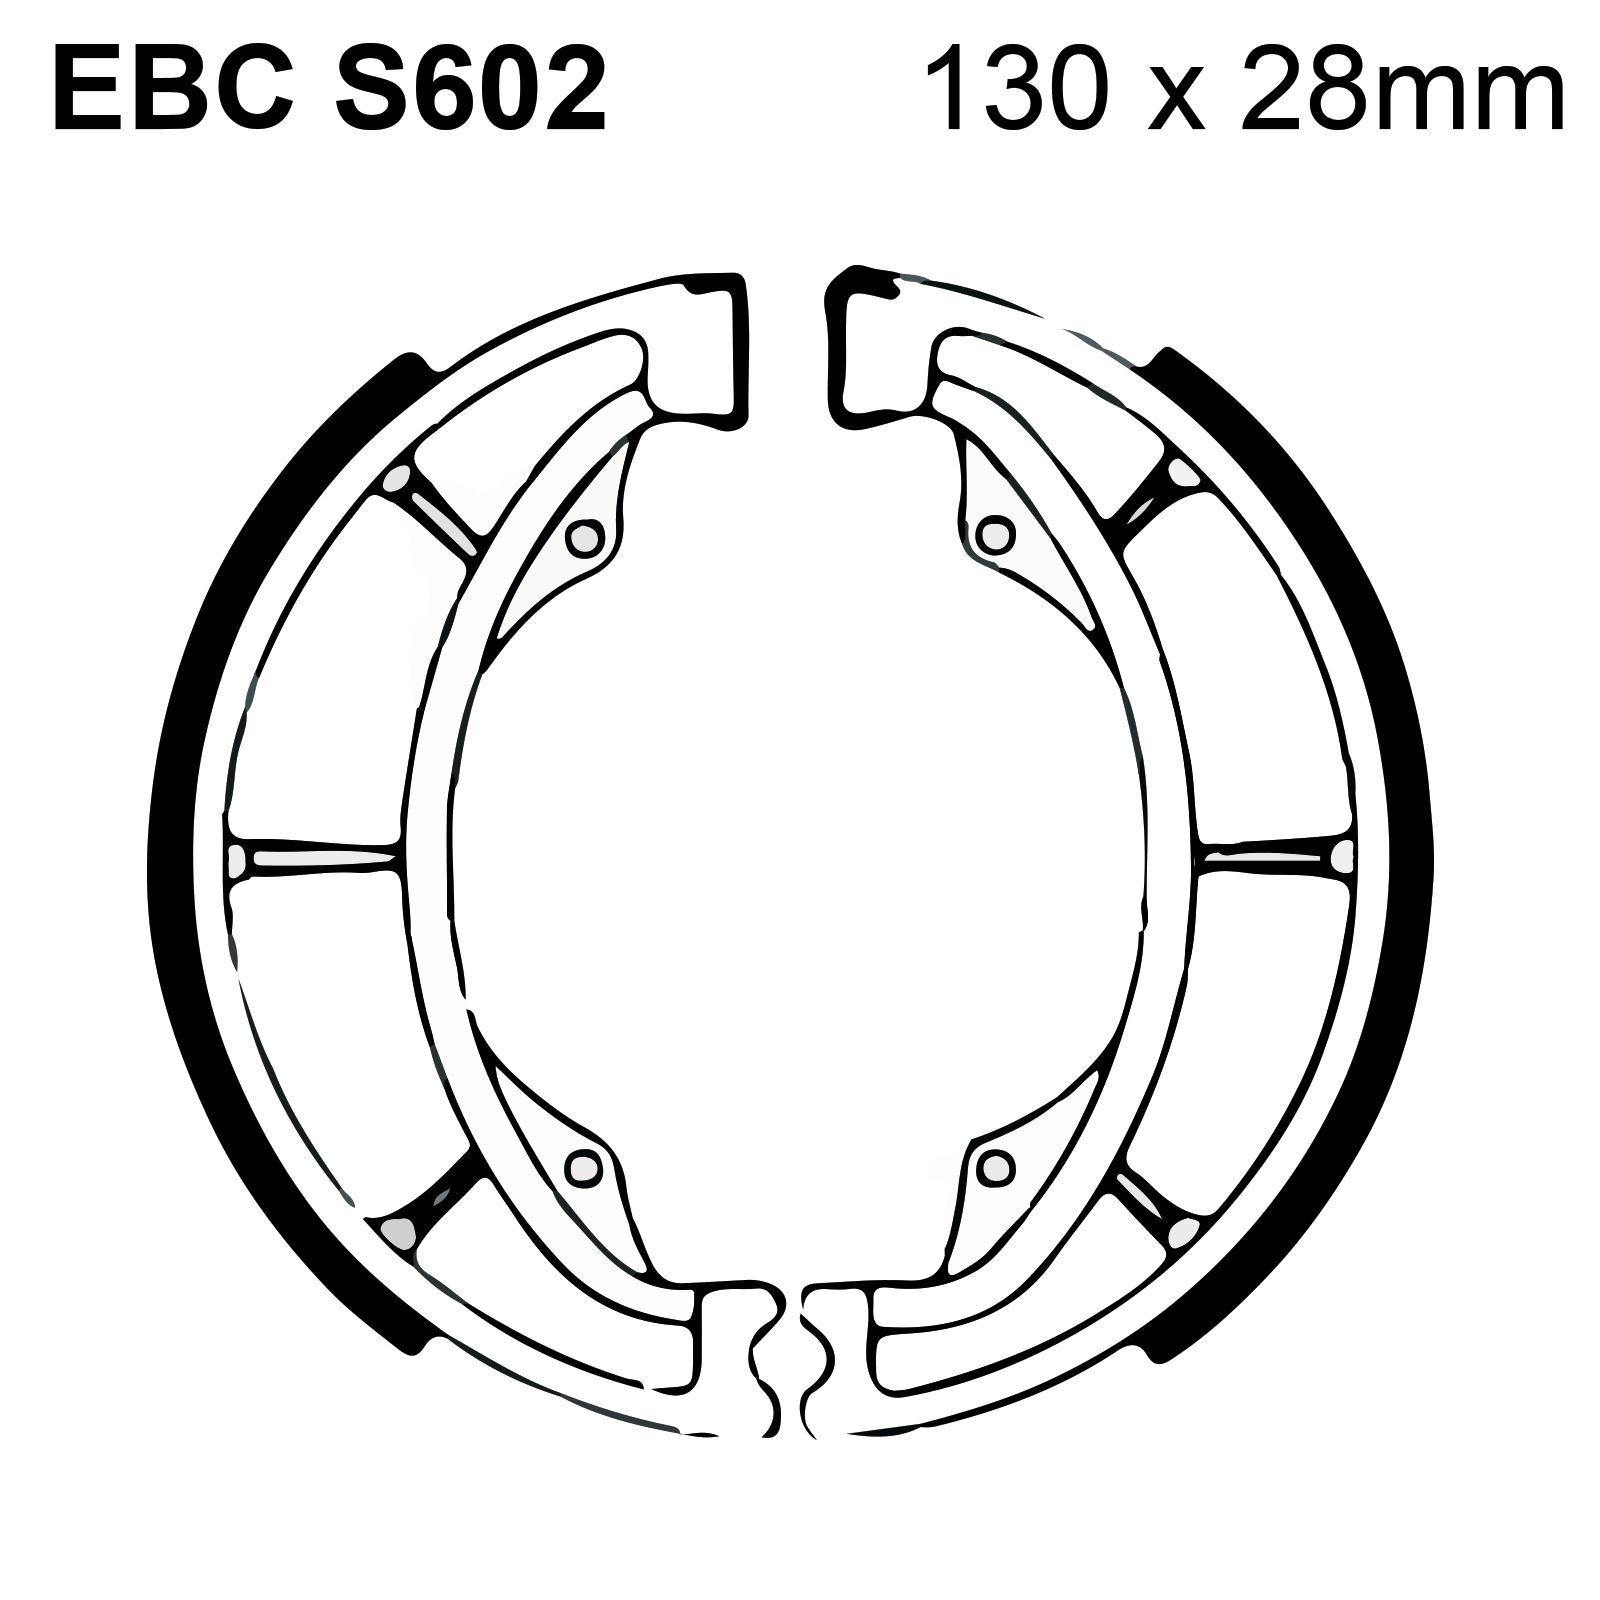 Ebc Organic Brake Shoes Amp Spring Kit S602 Kawasaki Bn 125